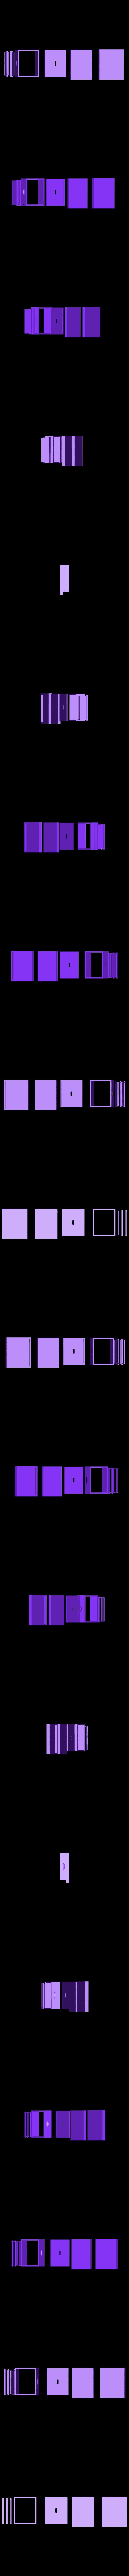 Medium_Lang_All_Components.obj Télécharger fichier OBJ gratuit Modèle de ruche Langstroth • Modèle imprimable en 3D, AlbertKhan3D